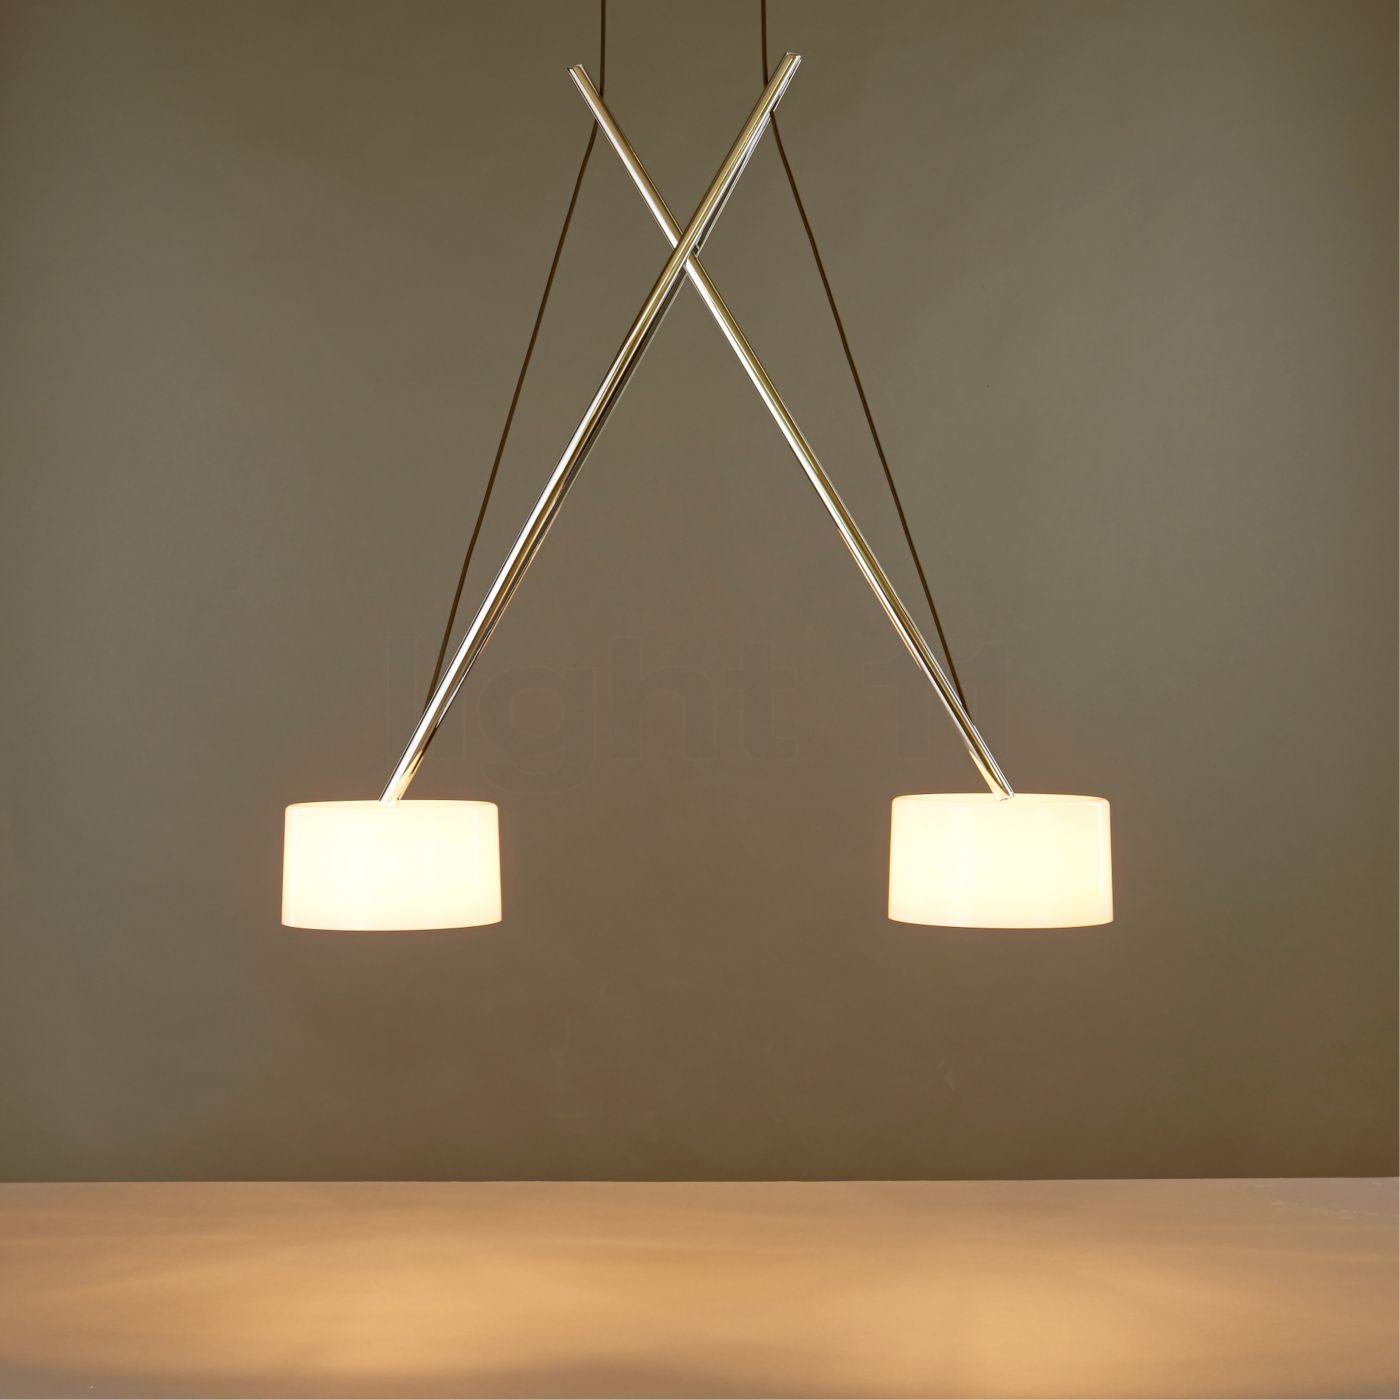 Atemberaubend Küchenschrank Beleuchtung Led Seil Bilder - Küchen ...